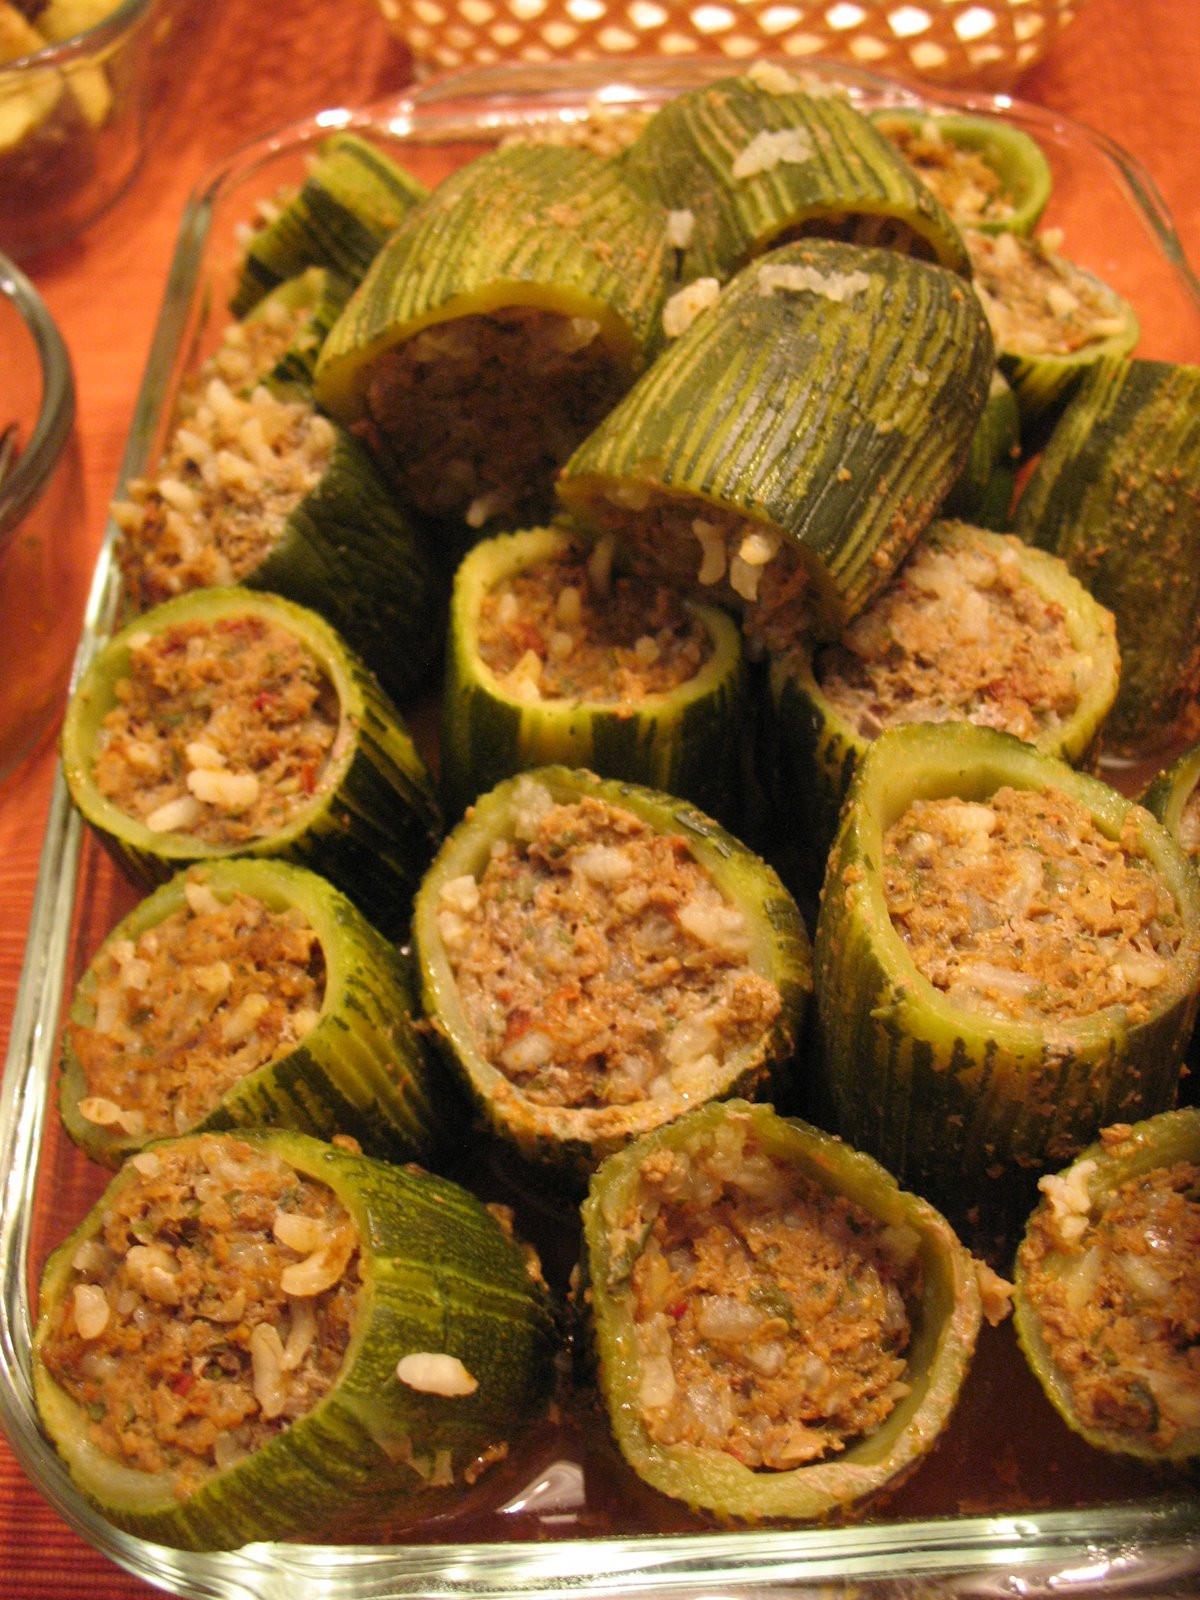 Stuffed Zucchini Ground Beef  Stuffed zucchini with ground beef Etli kabak dolması